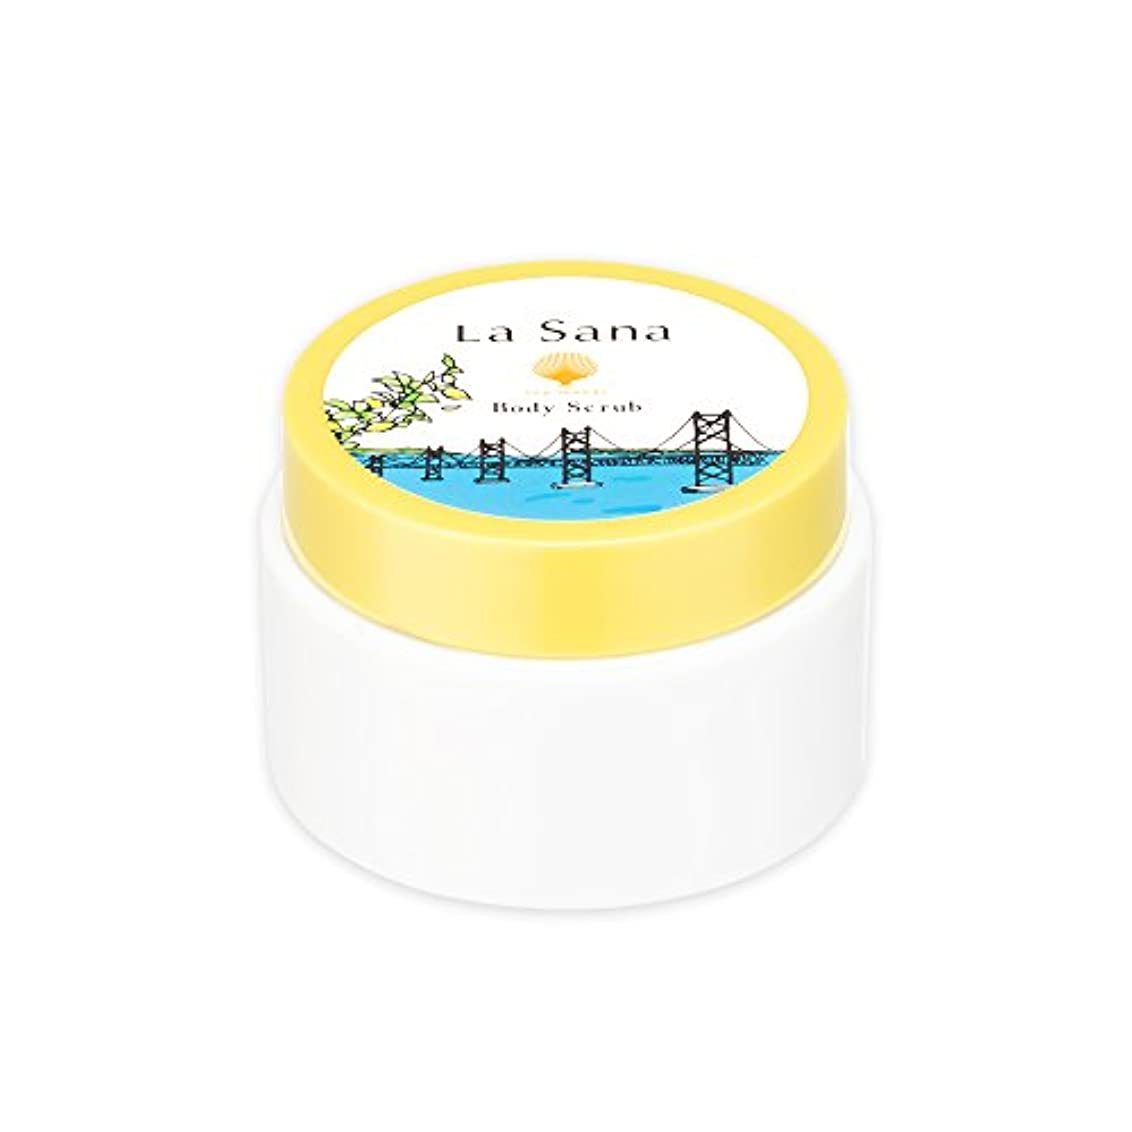 事接ぎ木人類ラサーナ La sana 海藻 ボディ スクラブ 100g 限定 瀬戸内レモンの香り ボディケア 日本製 (約1ヵ月分)